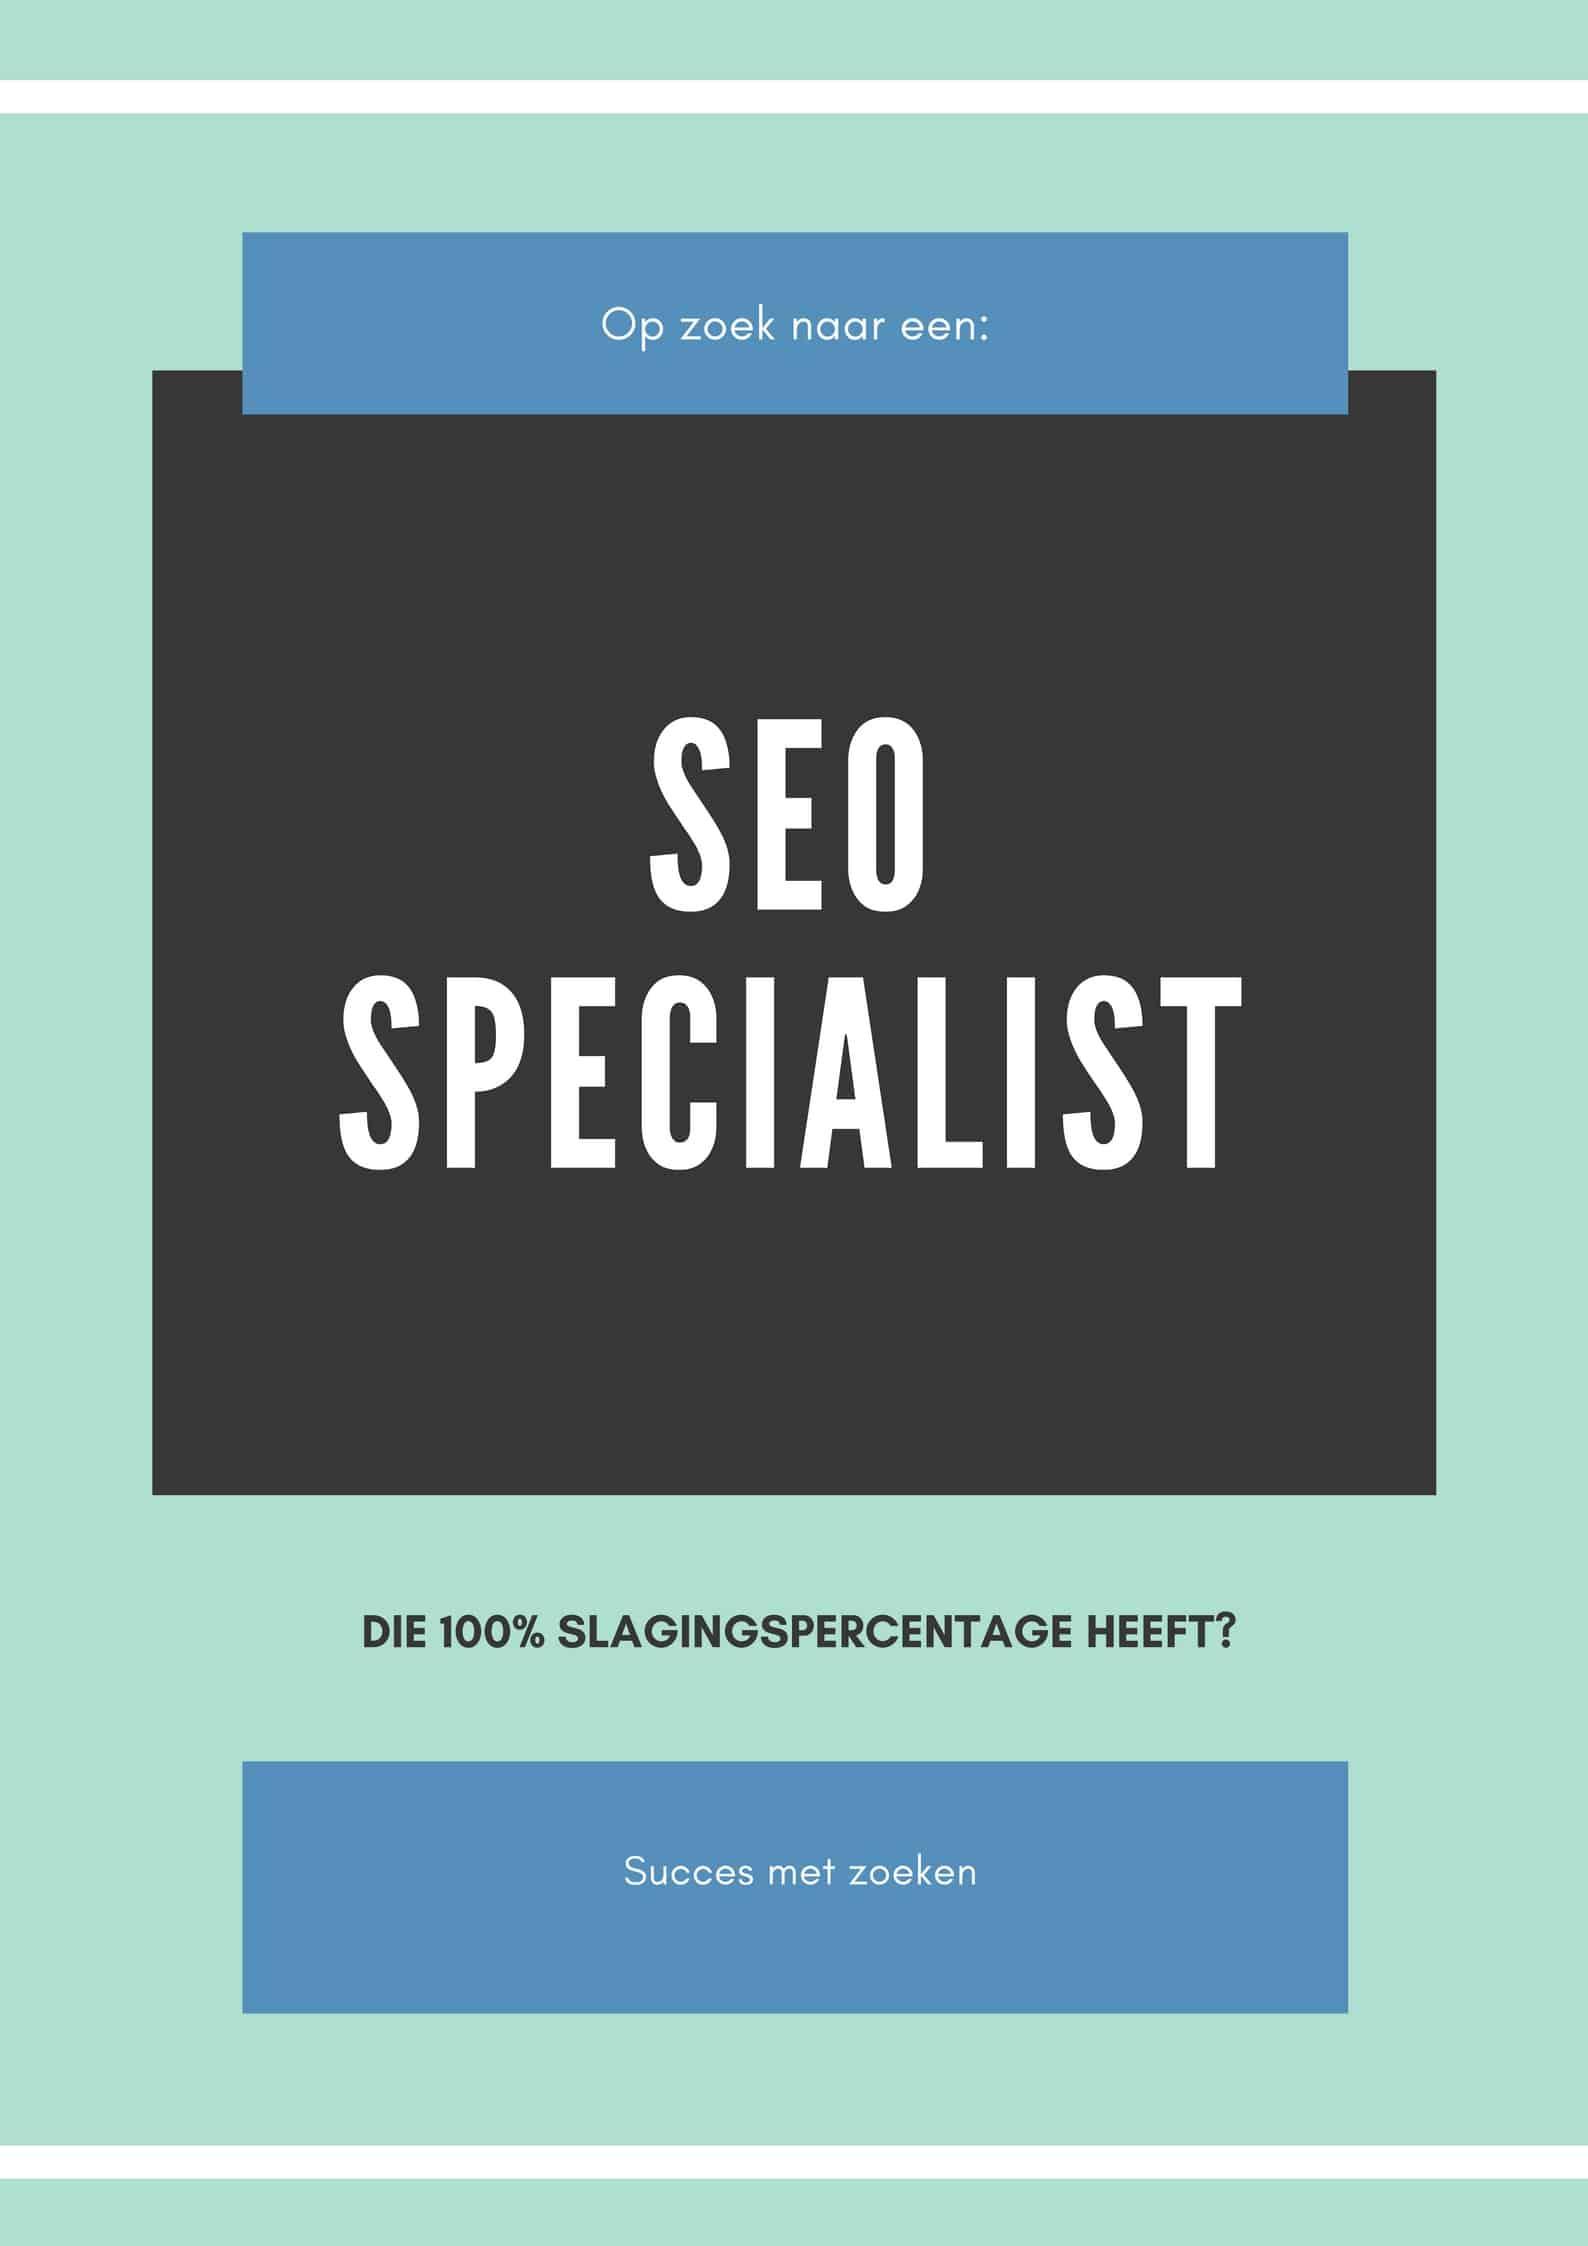 Beste Seo Bureau.Best Seo Agency In The Netherlands Rankify